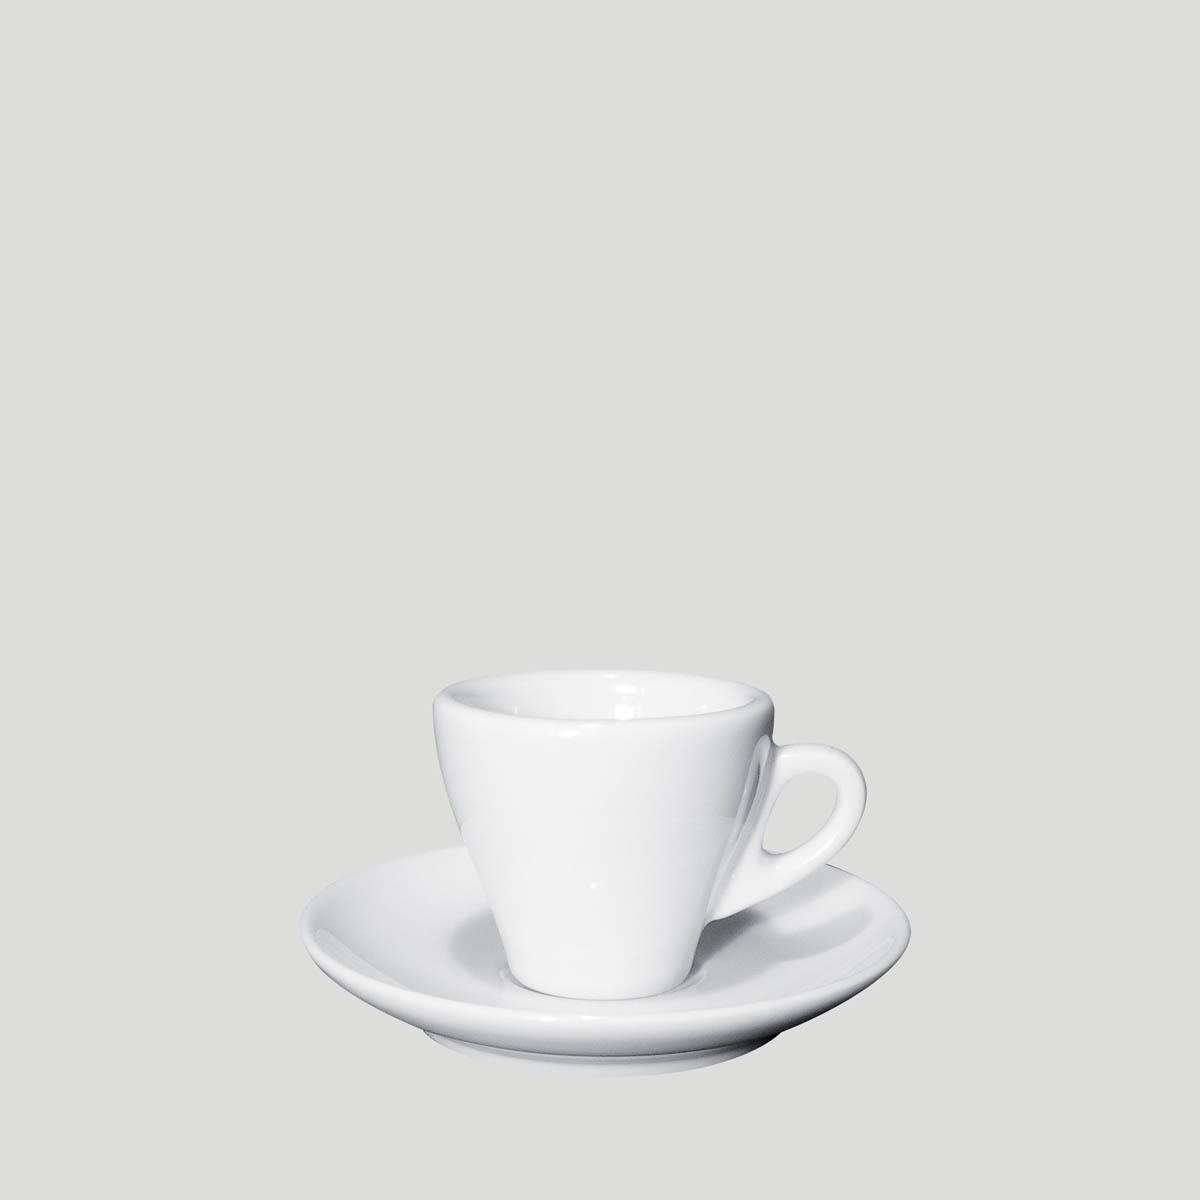 Tazza Espresso Torino - tazza in porcellana per espresso - Gardagel